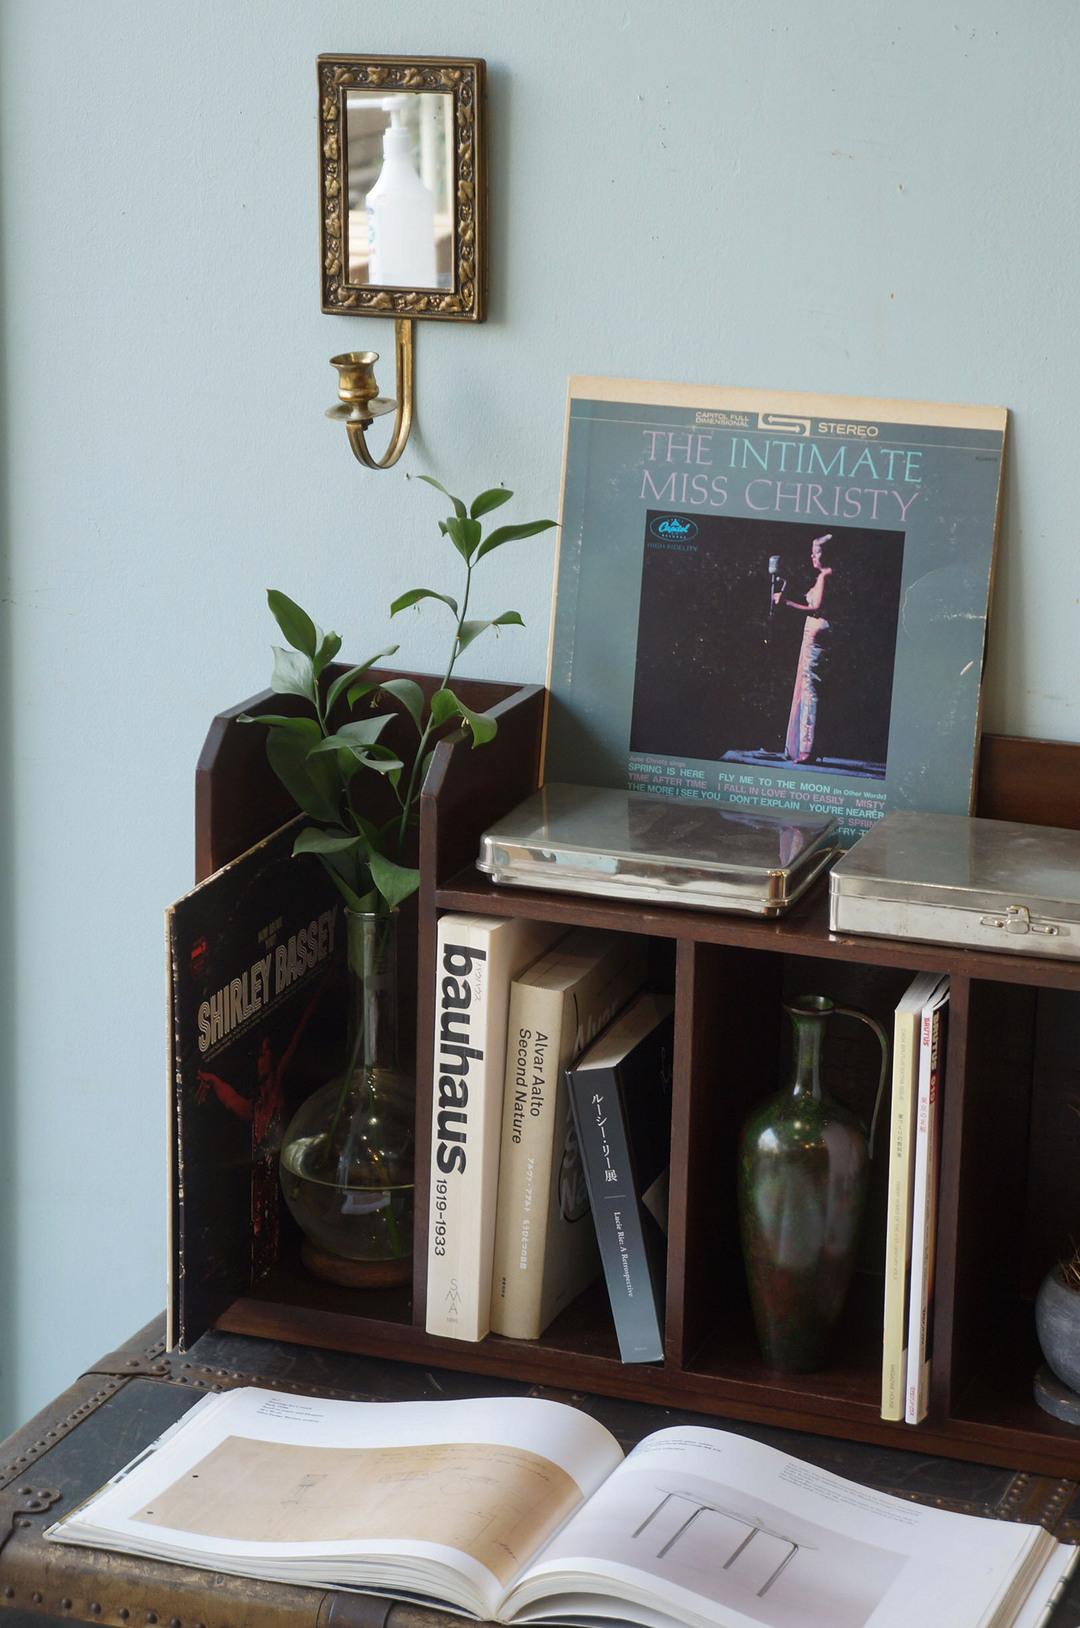 Japanese Vintage Book Stand/ブックスタンド 本立て 本棚 古道具 レトロモダン 収納 ディスプレイ インテリア